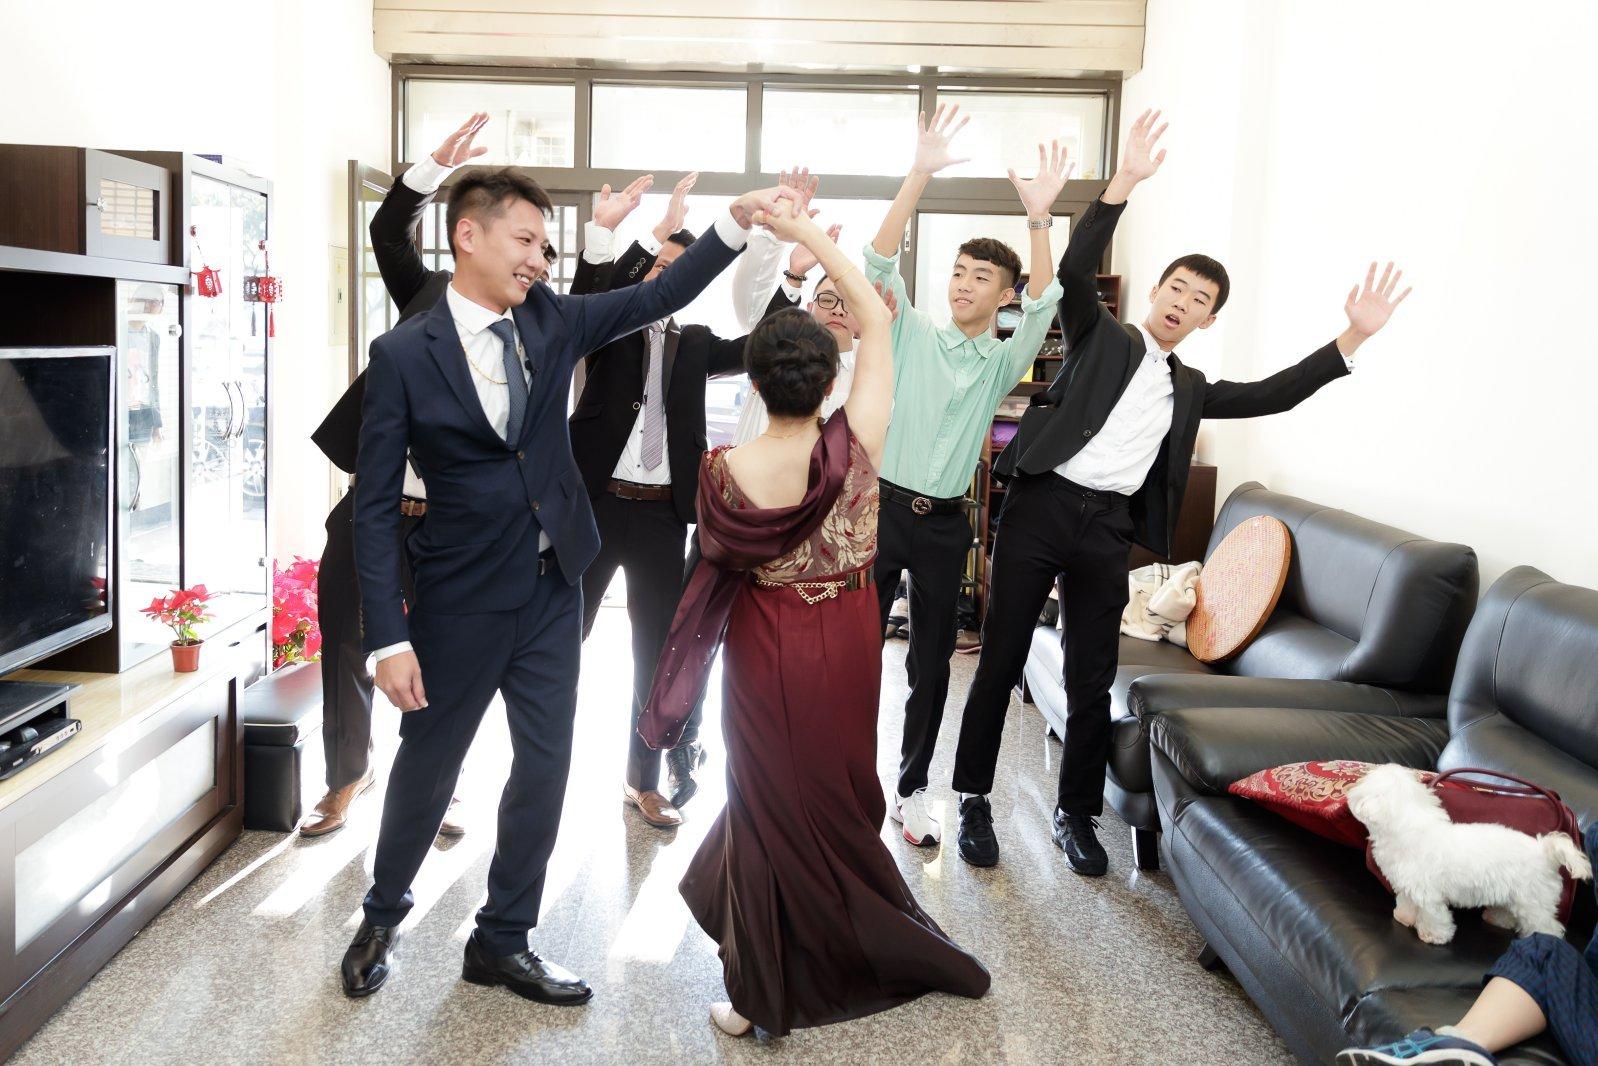 婚禮闖關遊戲,闖關跳舞